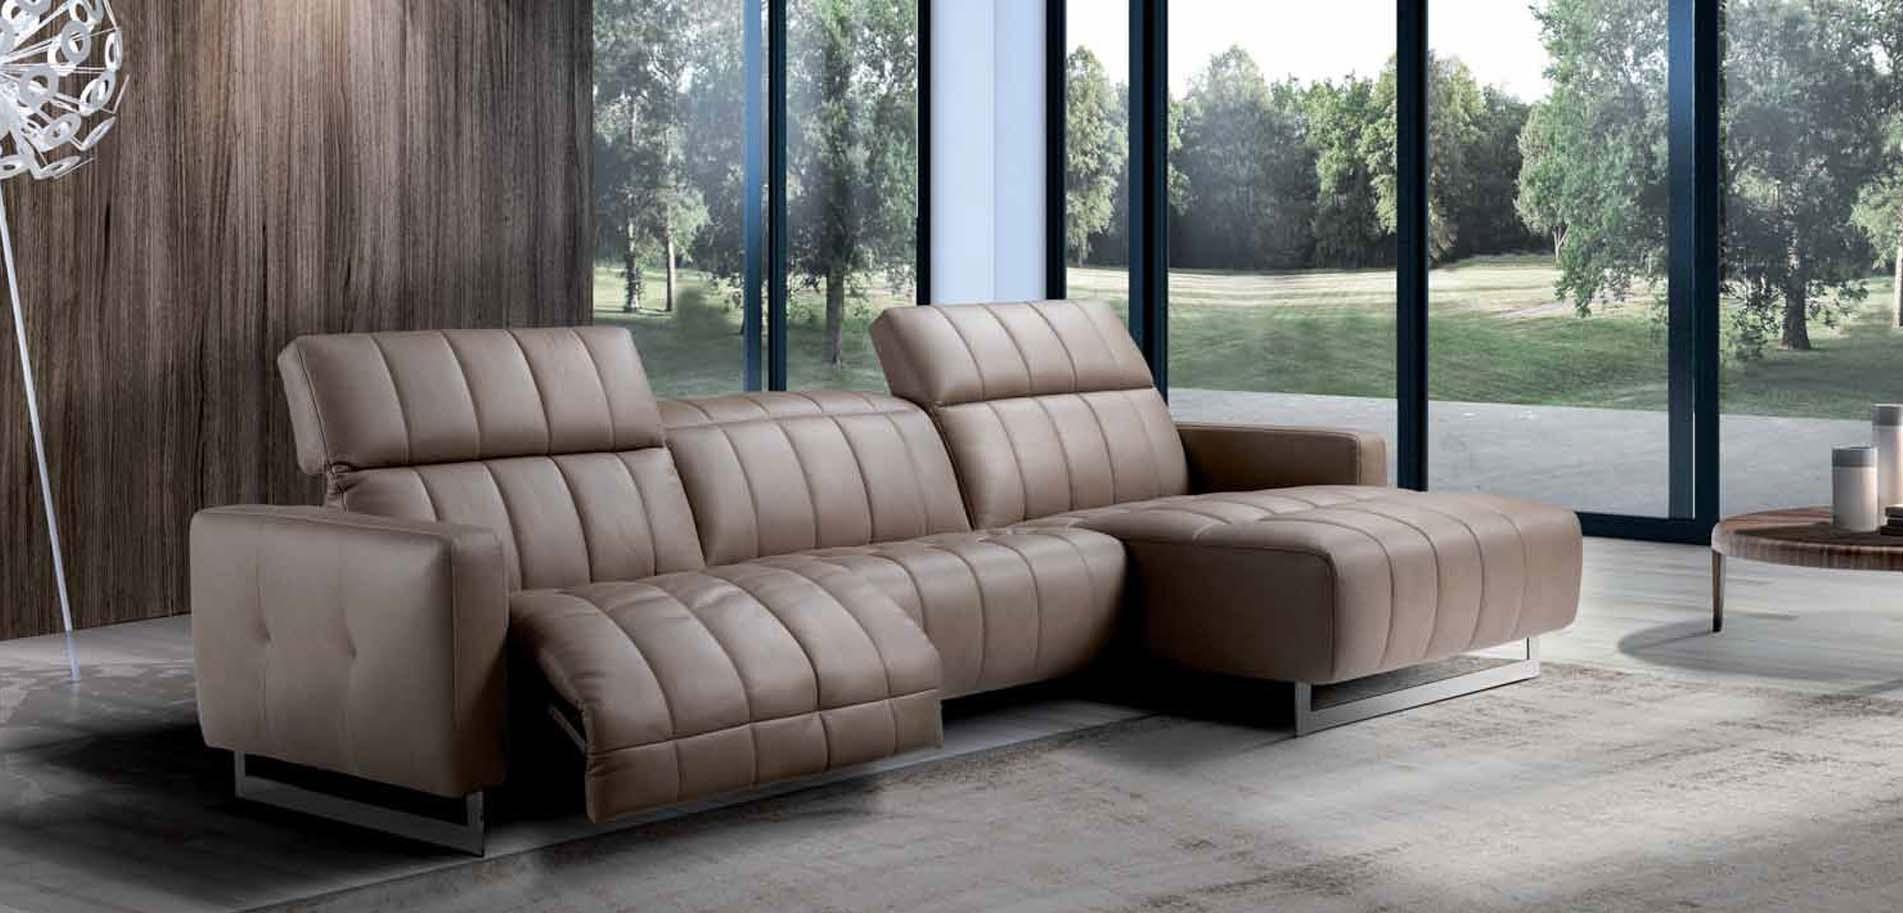 Max Divani.Leather Sofa Epiplo Fwtistiko Mixalopoylos